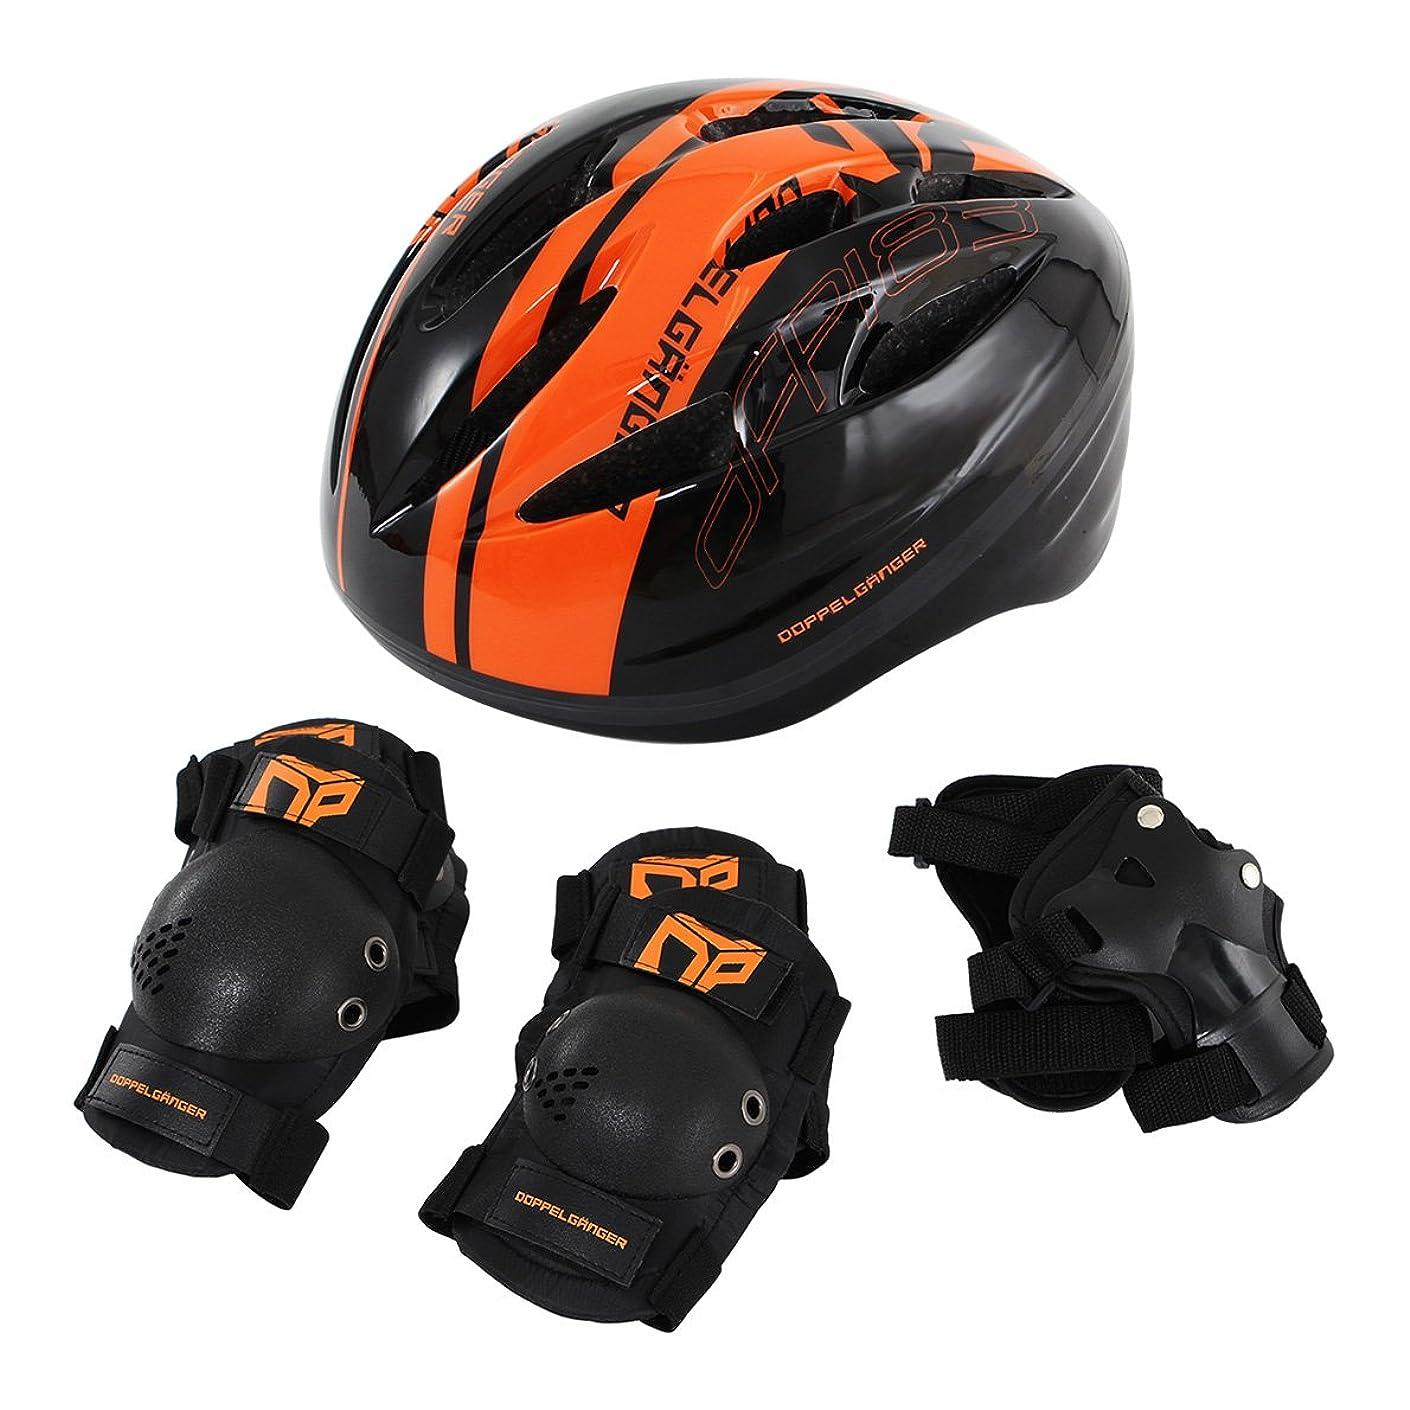 どちらもまたインタラクションDOPPELGANGER キッズヘルメットセット[ヘルメット?肘/膝/手首プロテクター4点セット] ヘルメット重量:約195g [対象年齢目安:3歳~8歳] 安全基準合格品/子供用自転車プロテクター DFP183-BK (頭囲 51cm~55cm未満)